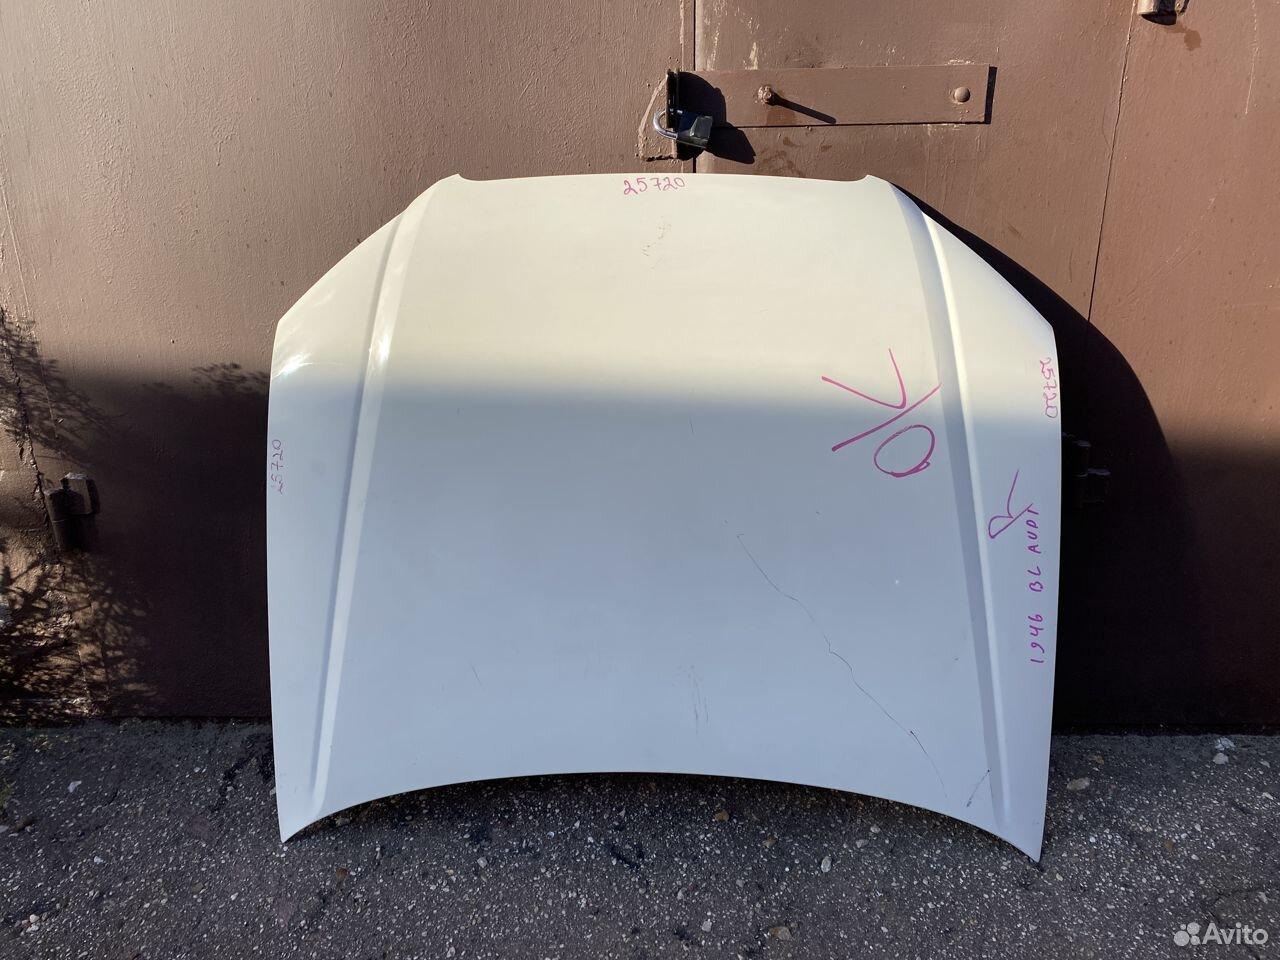 Капот белый Audi A4 B7  89534684247 купить 1